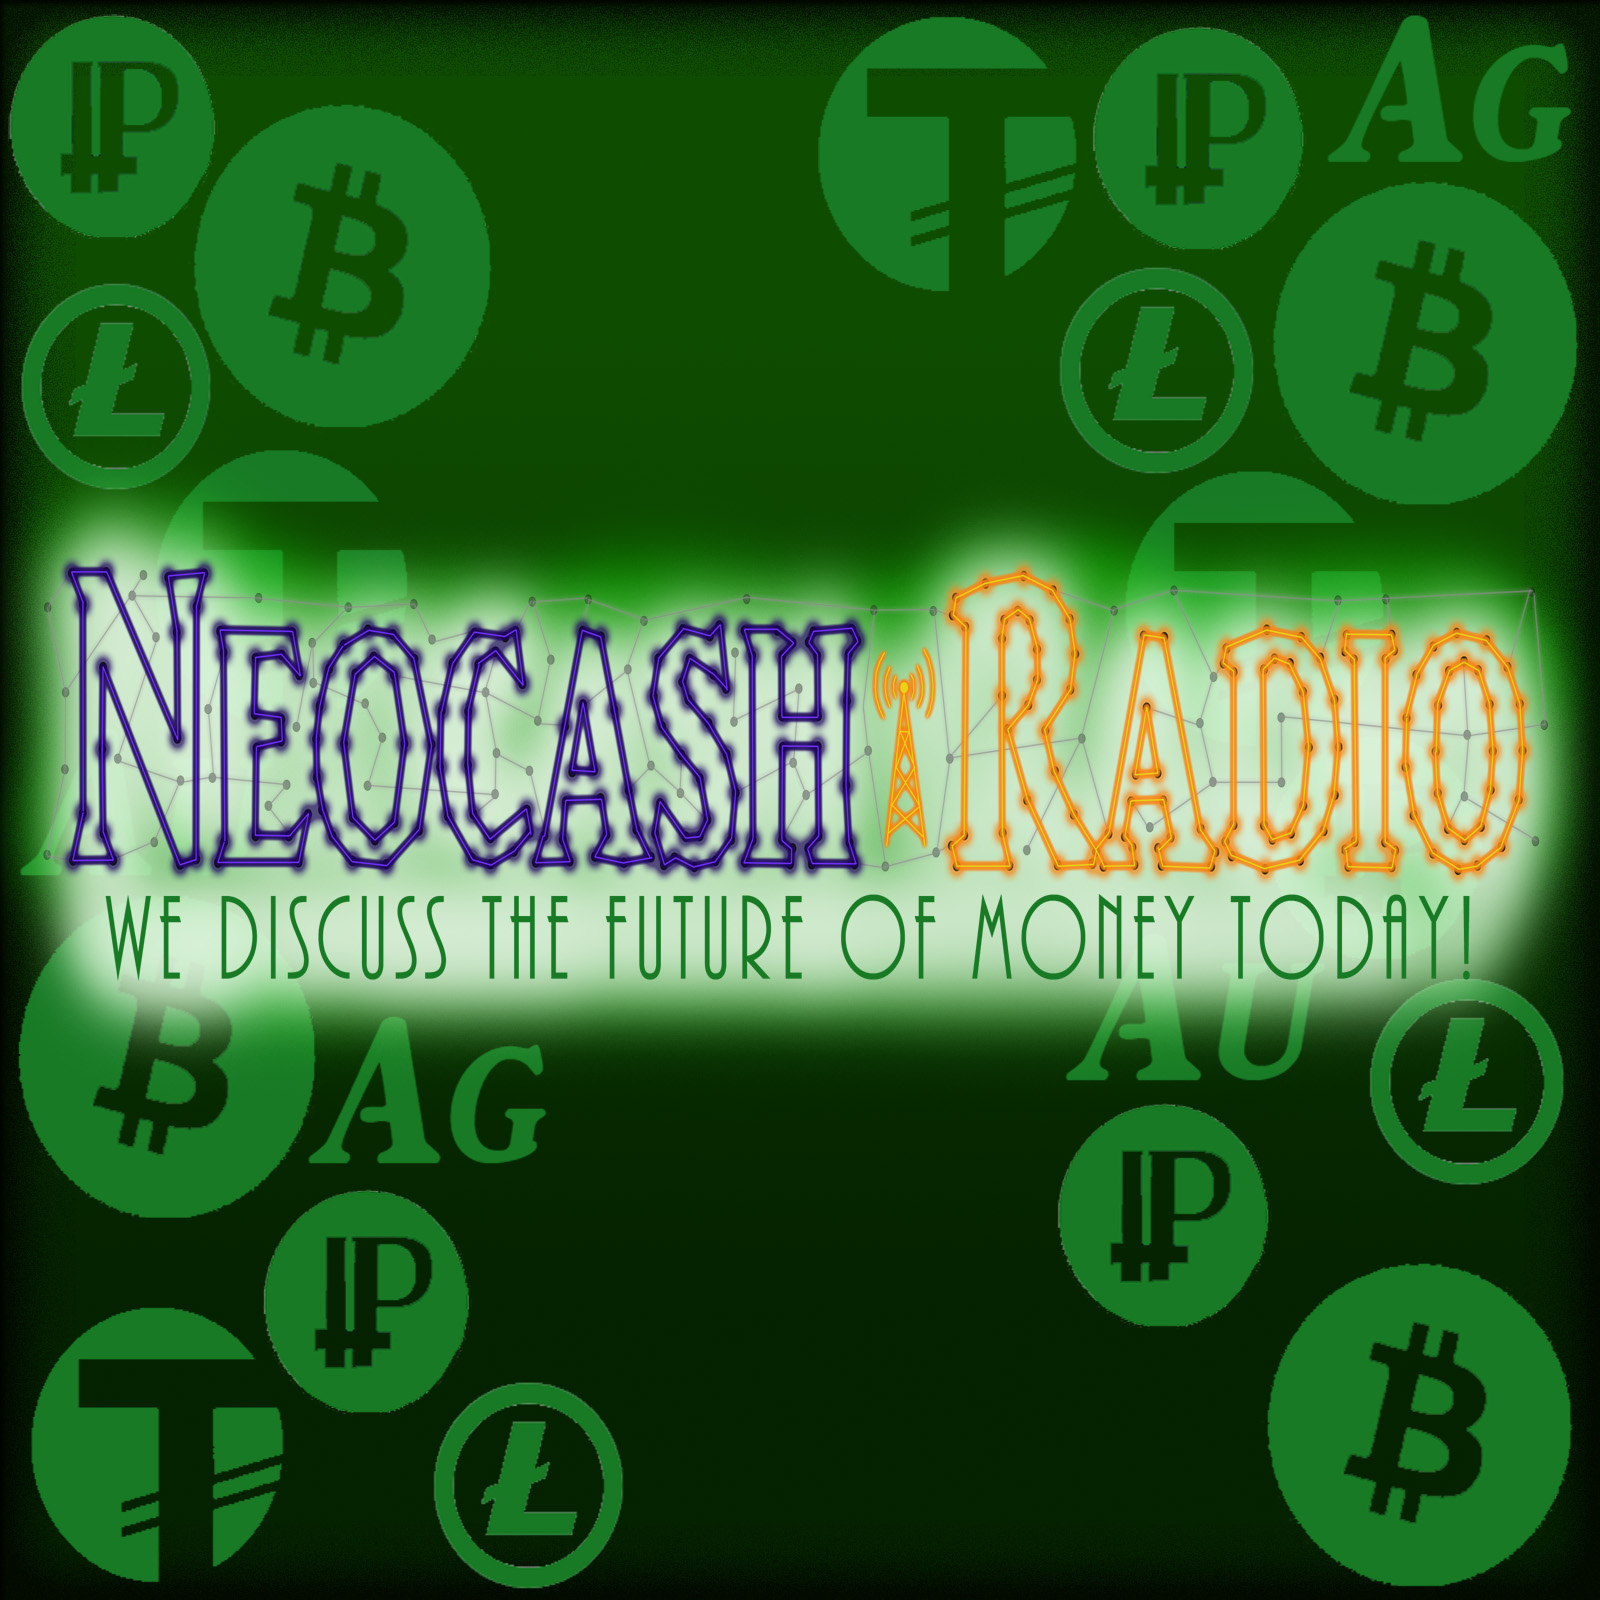 Neocash Radio - Episode 117